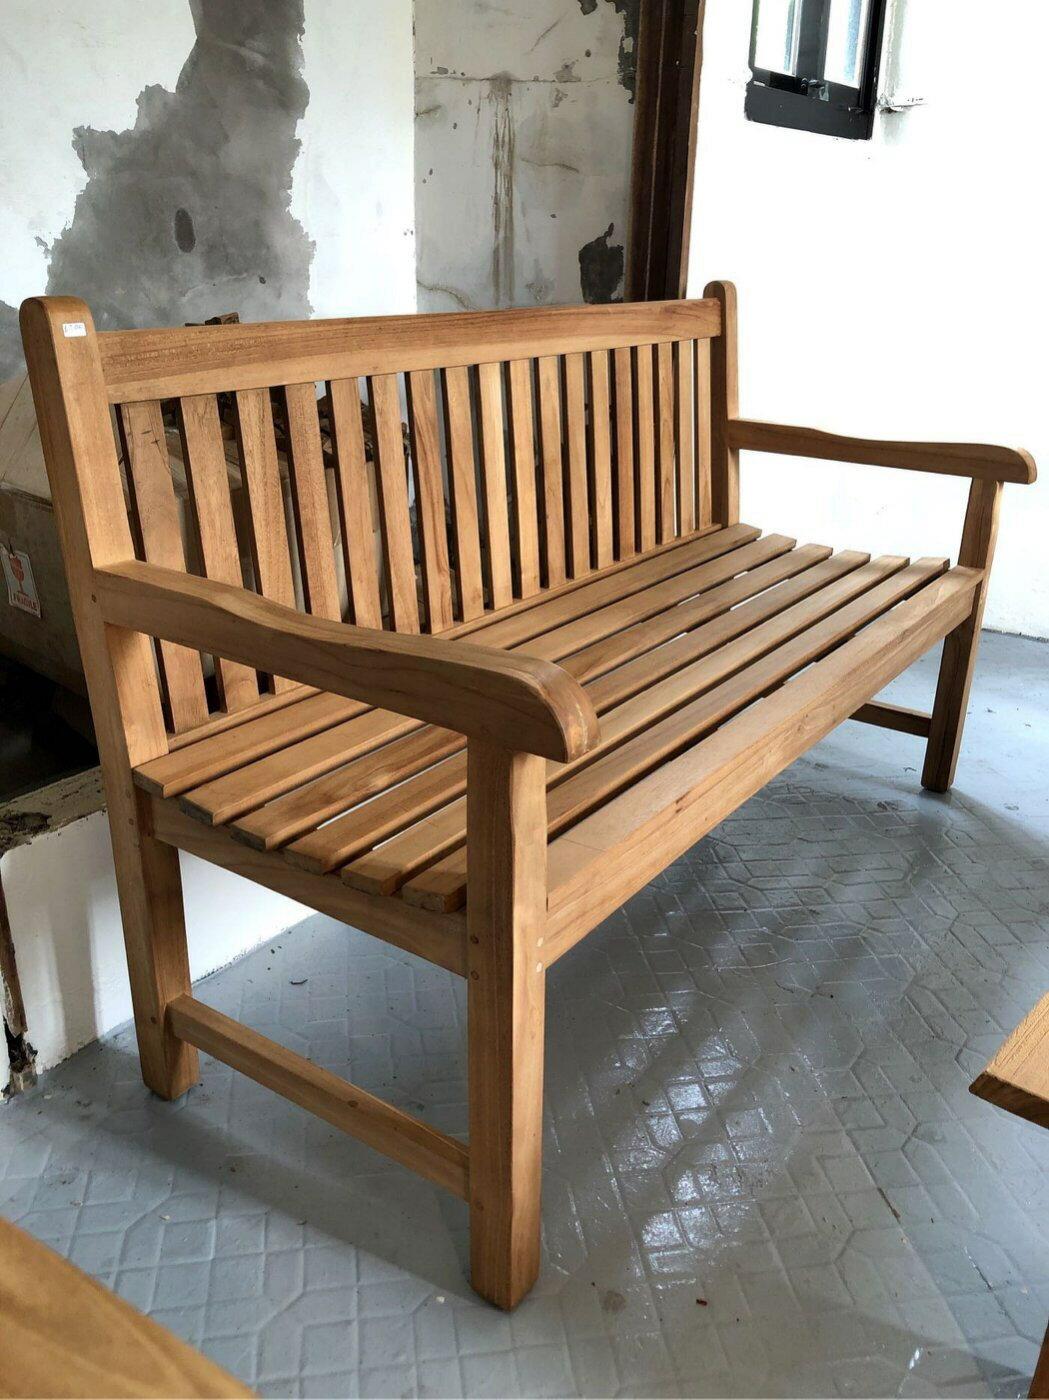 柚木長椅 可放戶外 (L150.5 W63 H92 座高44 cm)